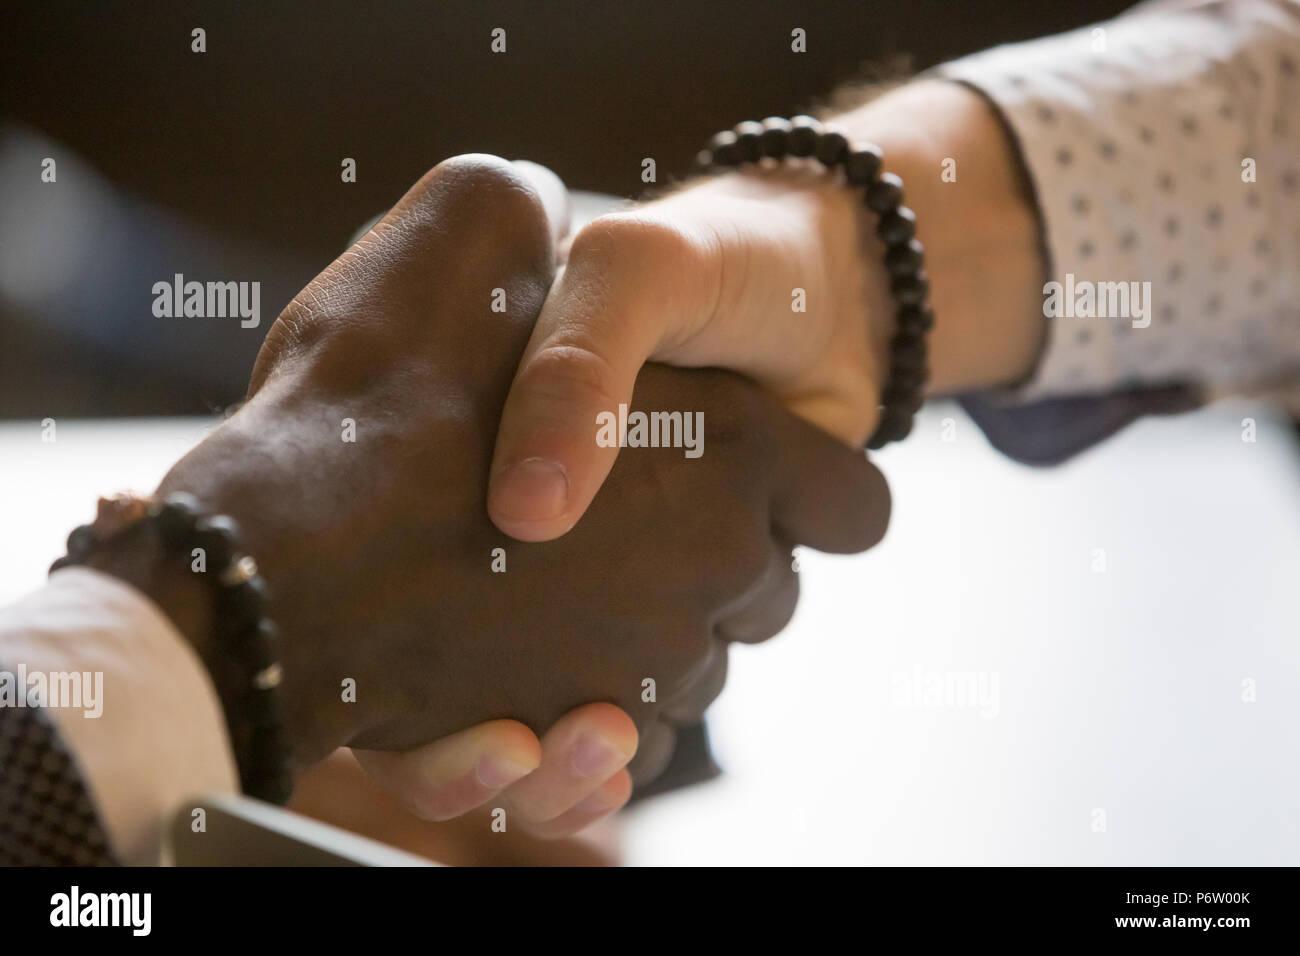 Multirassischen Menschen handshaking Begrüßung mit Leistung oder succ Stockbild